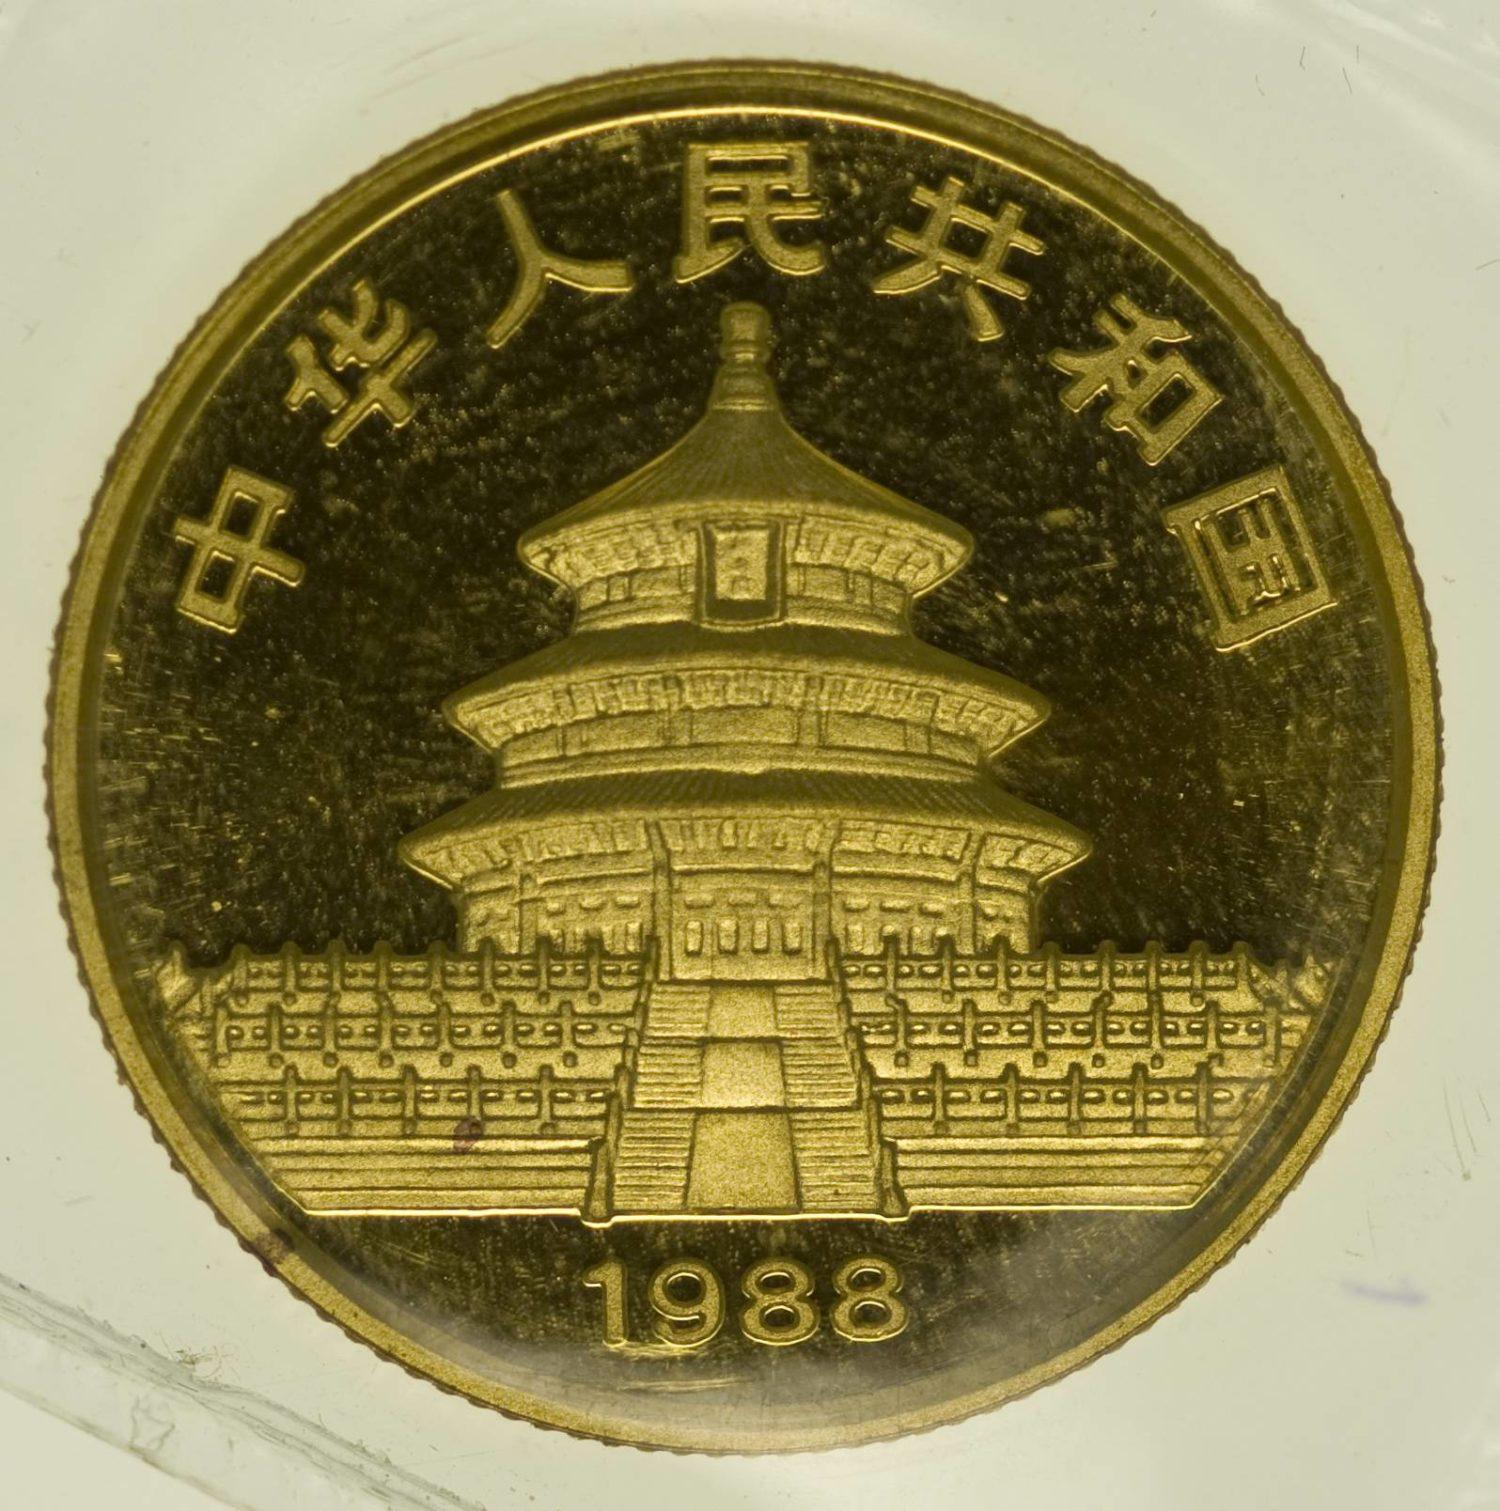 1/4 Unze Goldmünze China Panda 1988 25 Yuan 7,78 Gramm fein Gold RAR